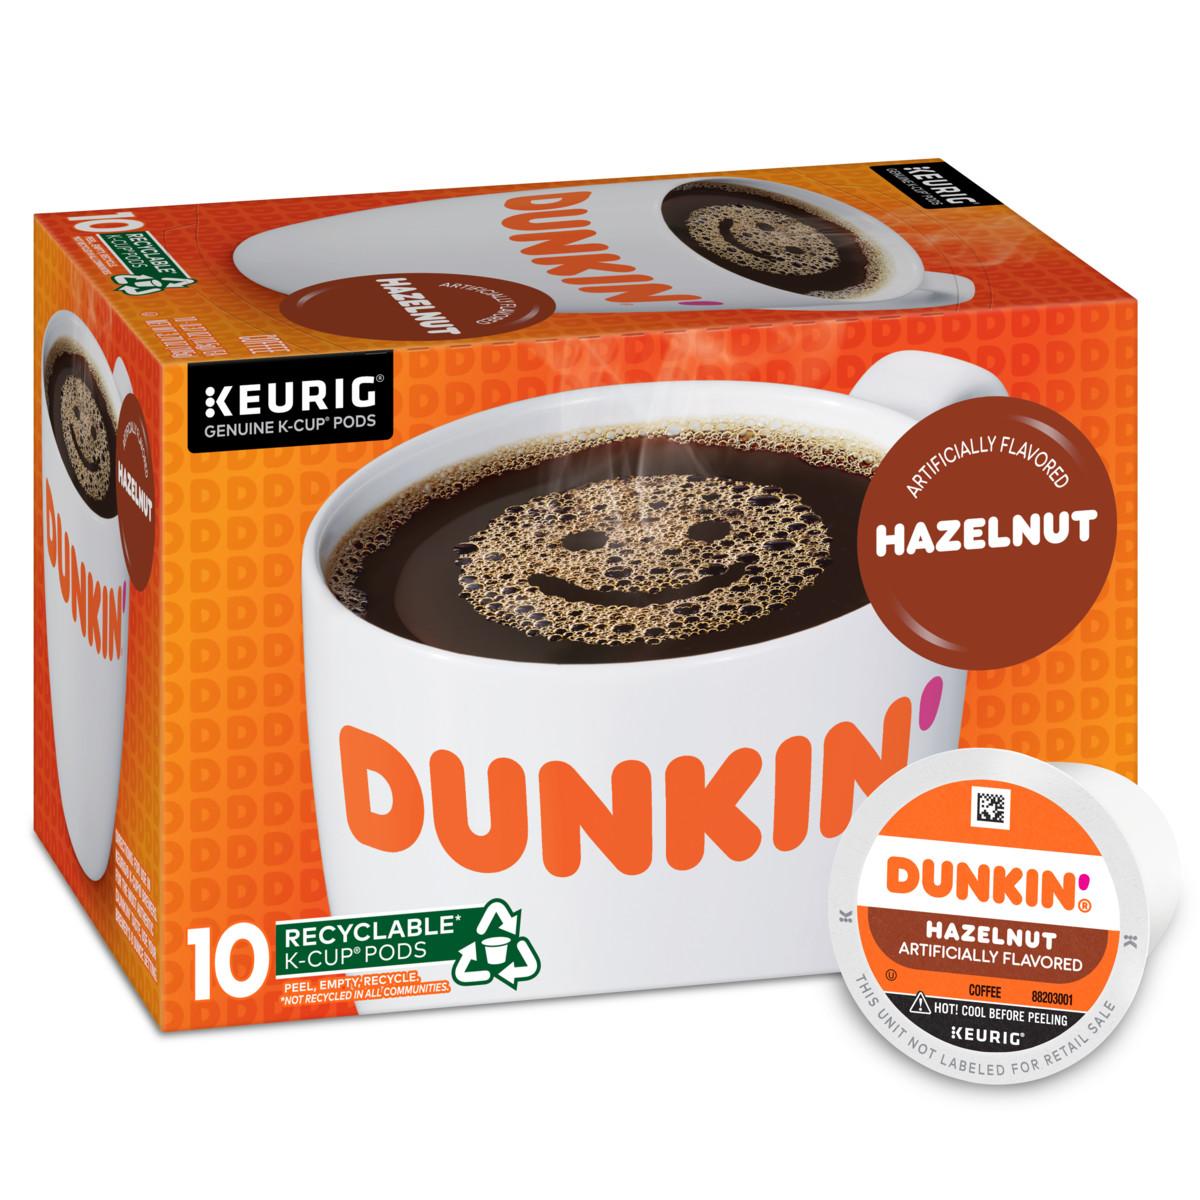 HazelnutK‑Cup® Pods